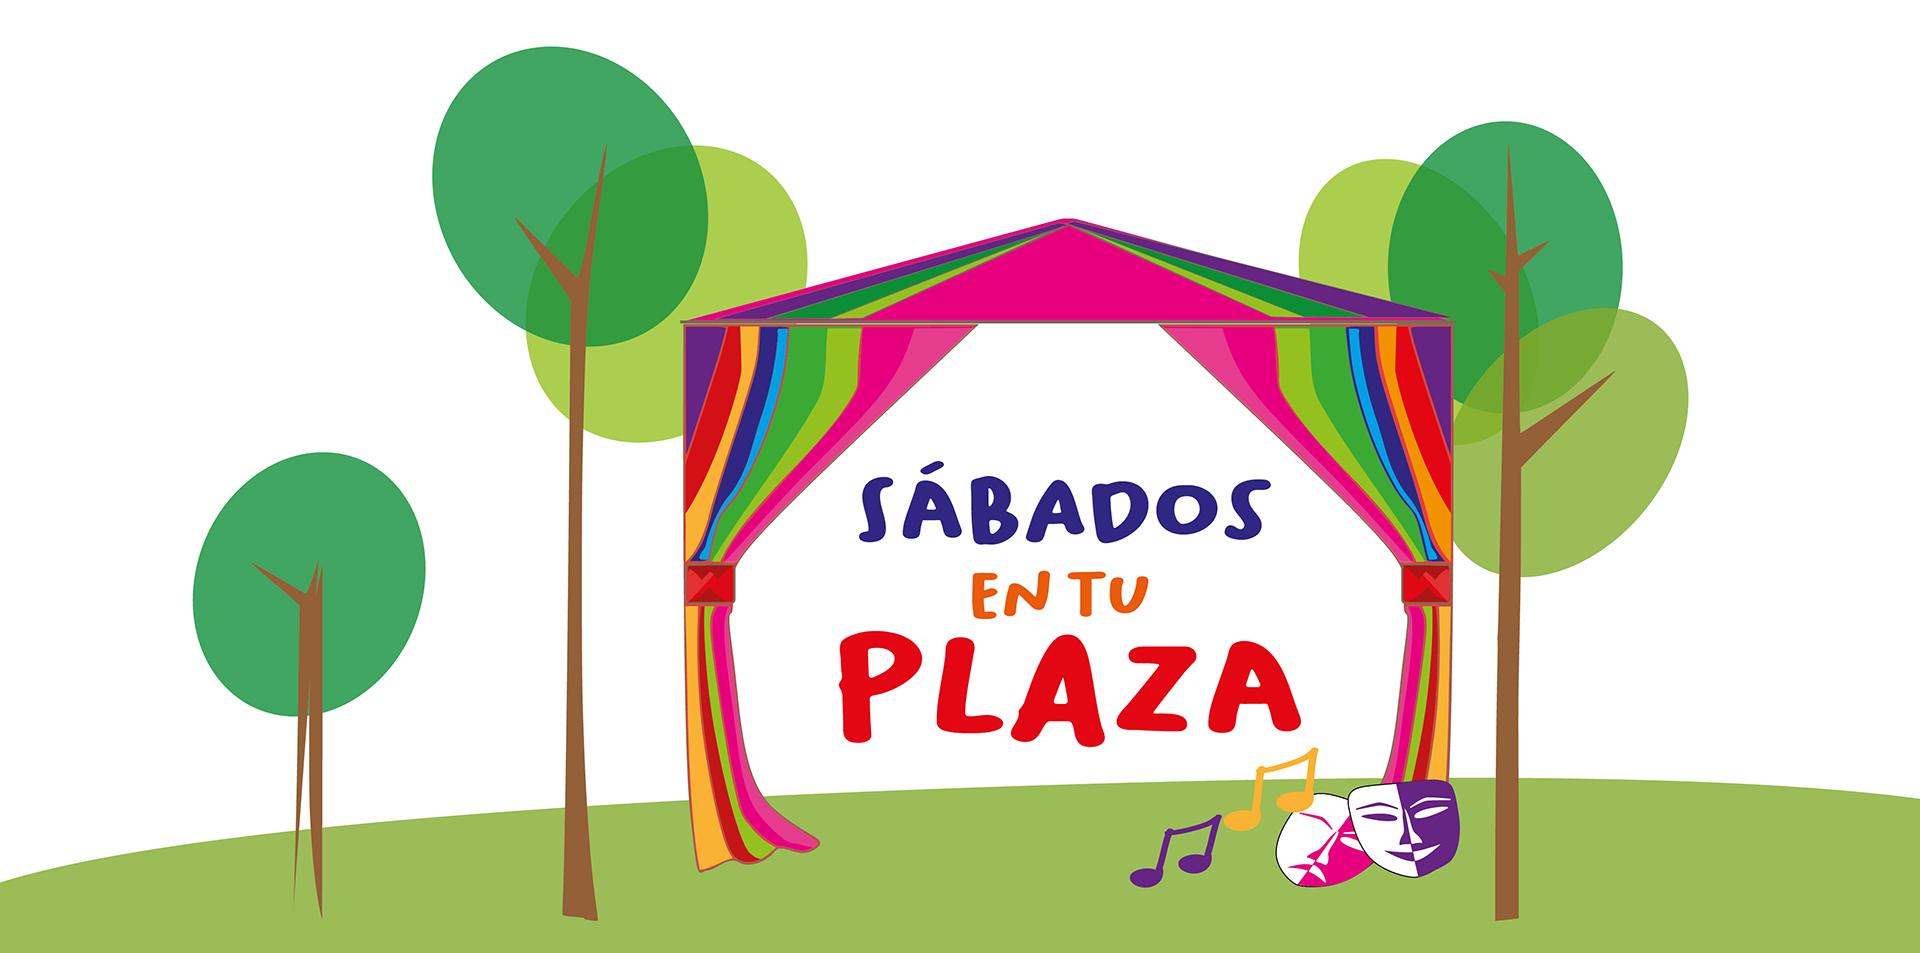 sabados-infantiles_web-generales_banner-lm